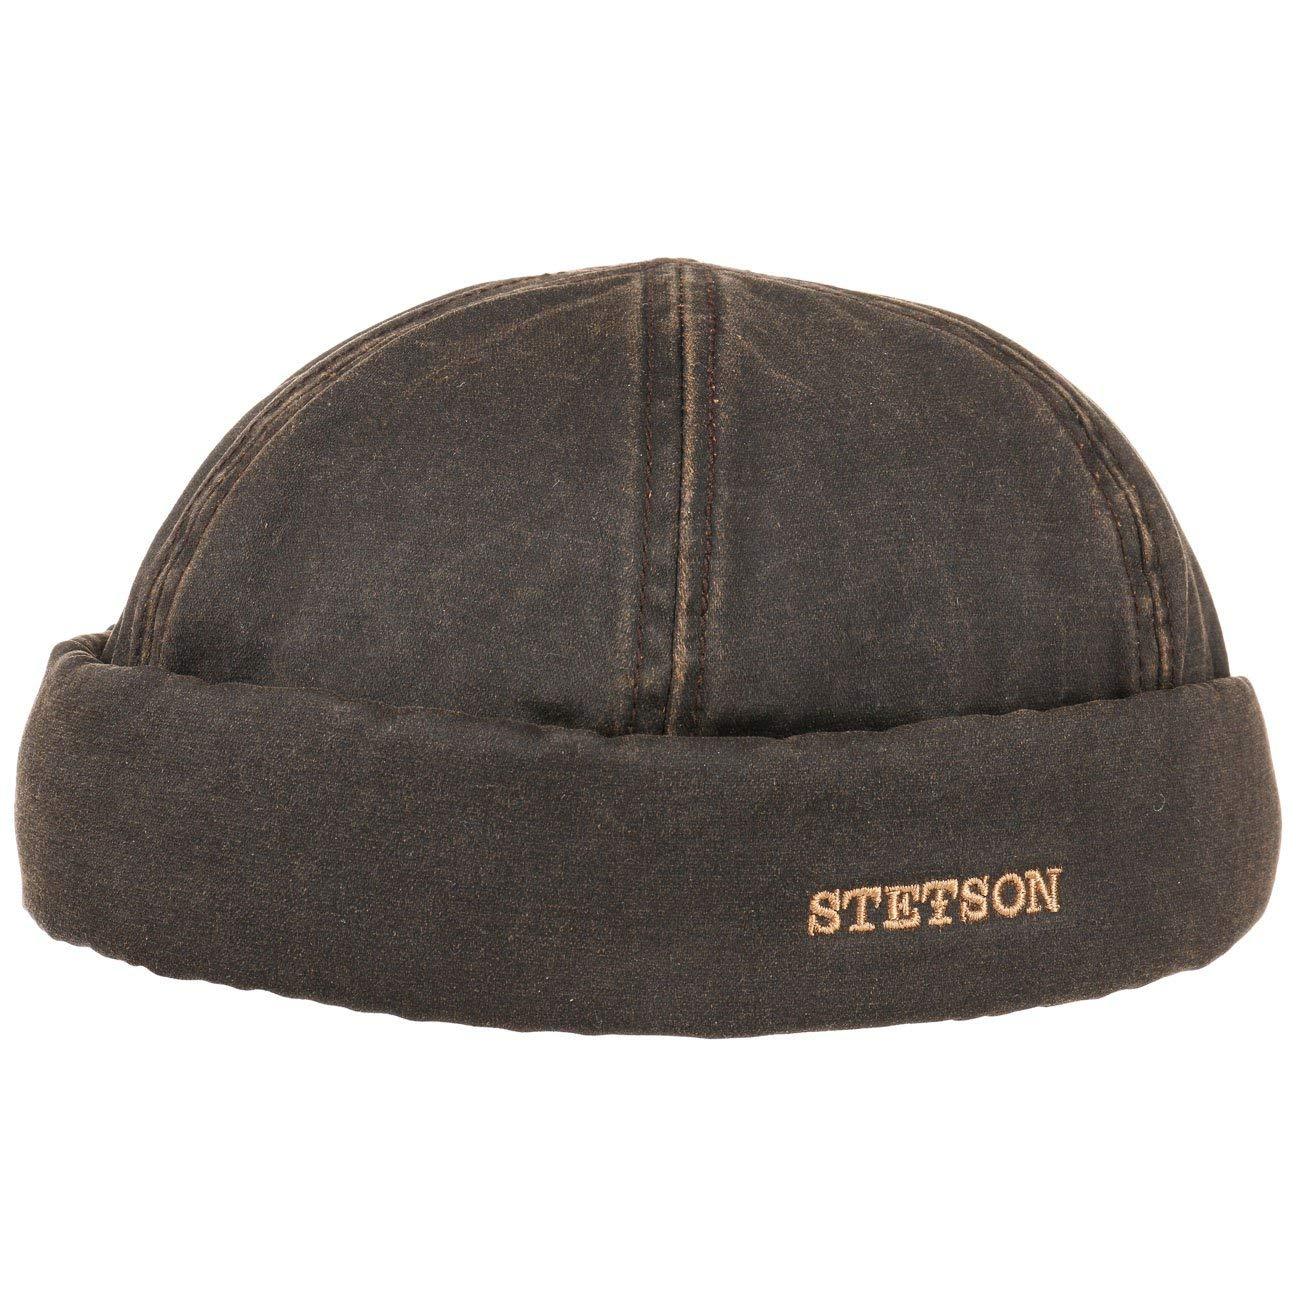 ebd07f30f0 Stetson Bonnet Docker Old Cotton: Amazon.fr: Vêtements et accessoires